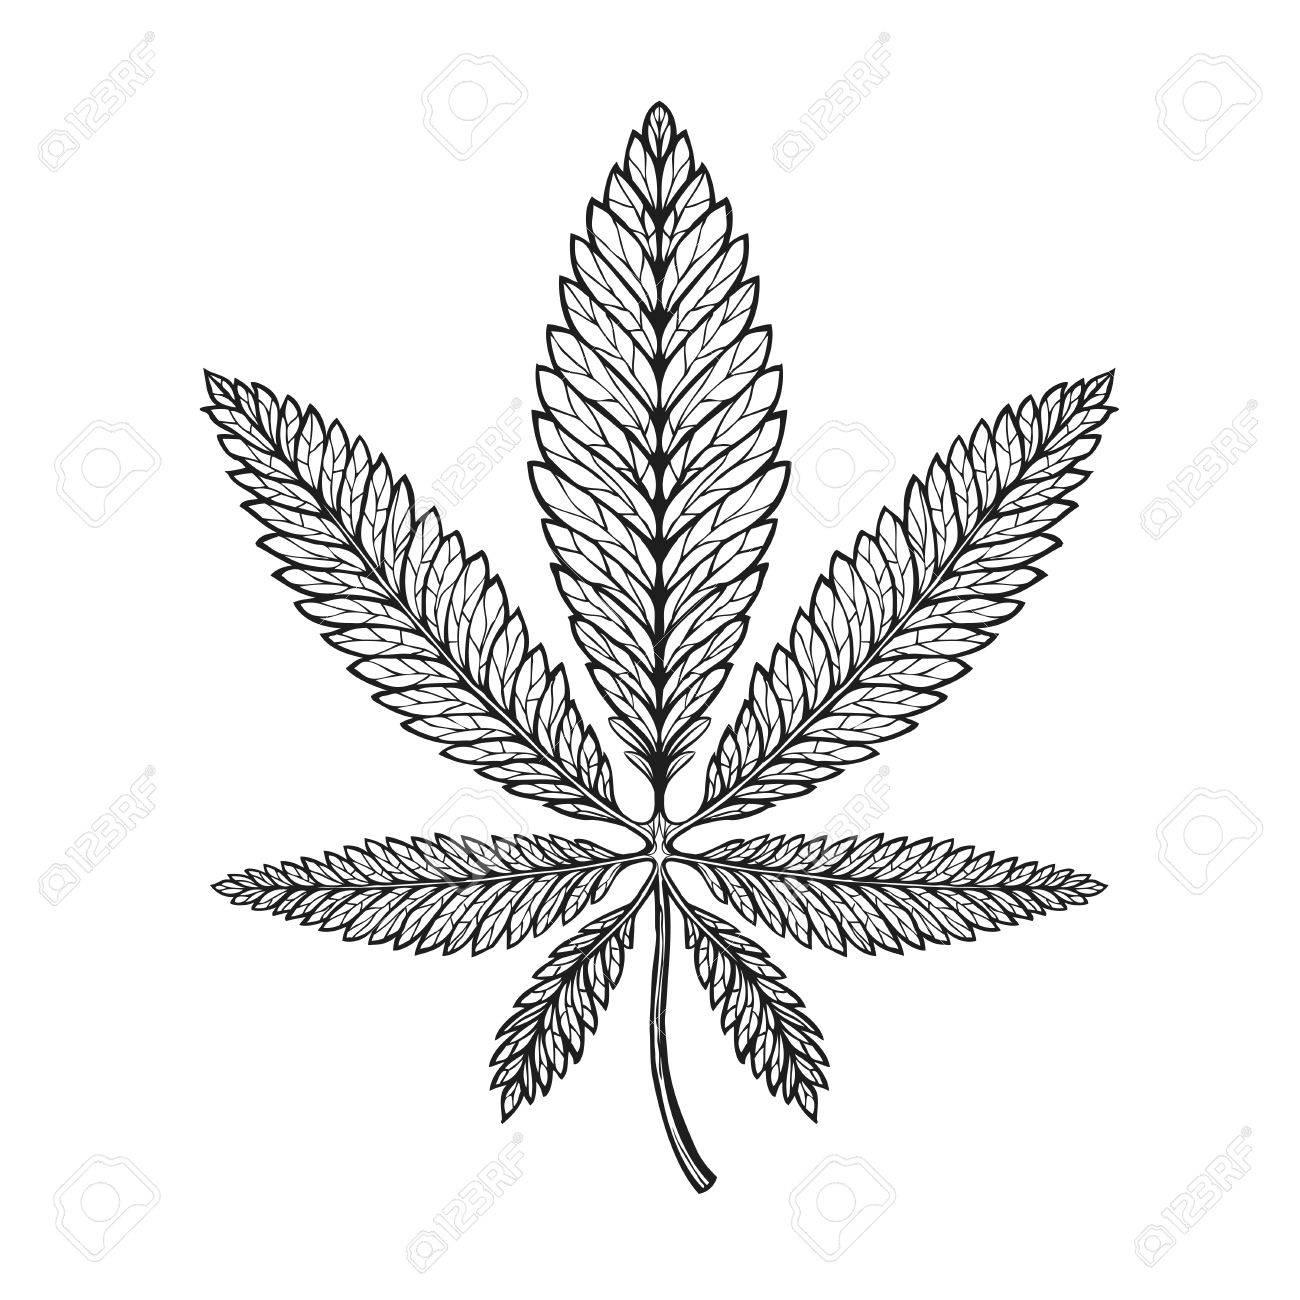 1300x1300 Marijuana Ethnic Graphic Style. Cannabis, Marihuana Hemp Symbol